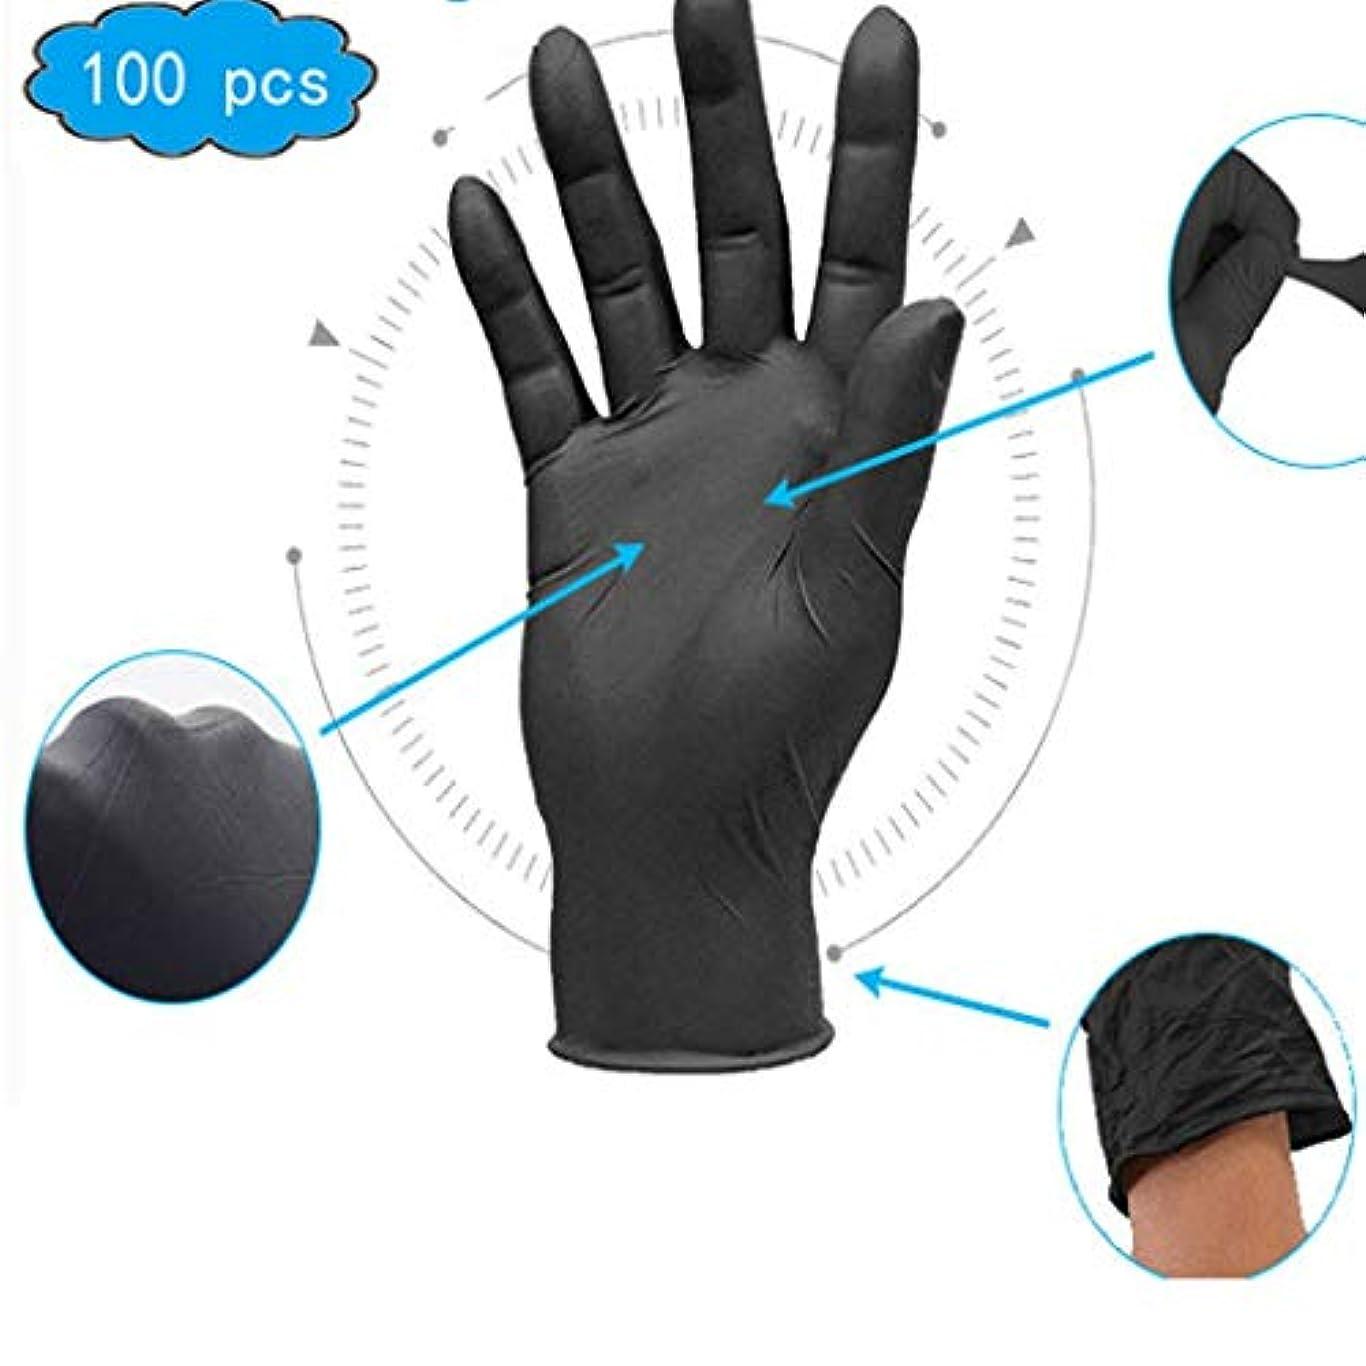 チャネルせがむコンパスニトリル手袋、医薬品および備品、応急処置用品、産業用使い捨て手袋 - テクスチャード、パウダーフリー、無菌、大型、100個入り、非滅菌の使い捨て安全手袋 (Color : Black, Size : M)